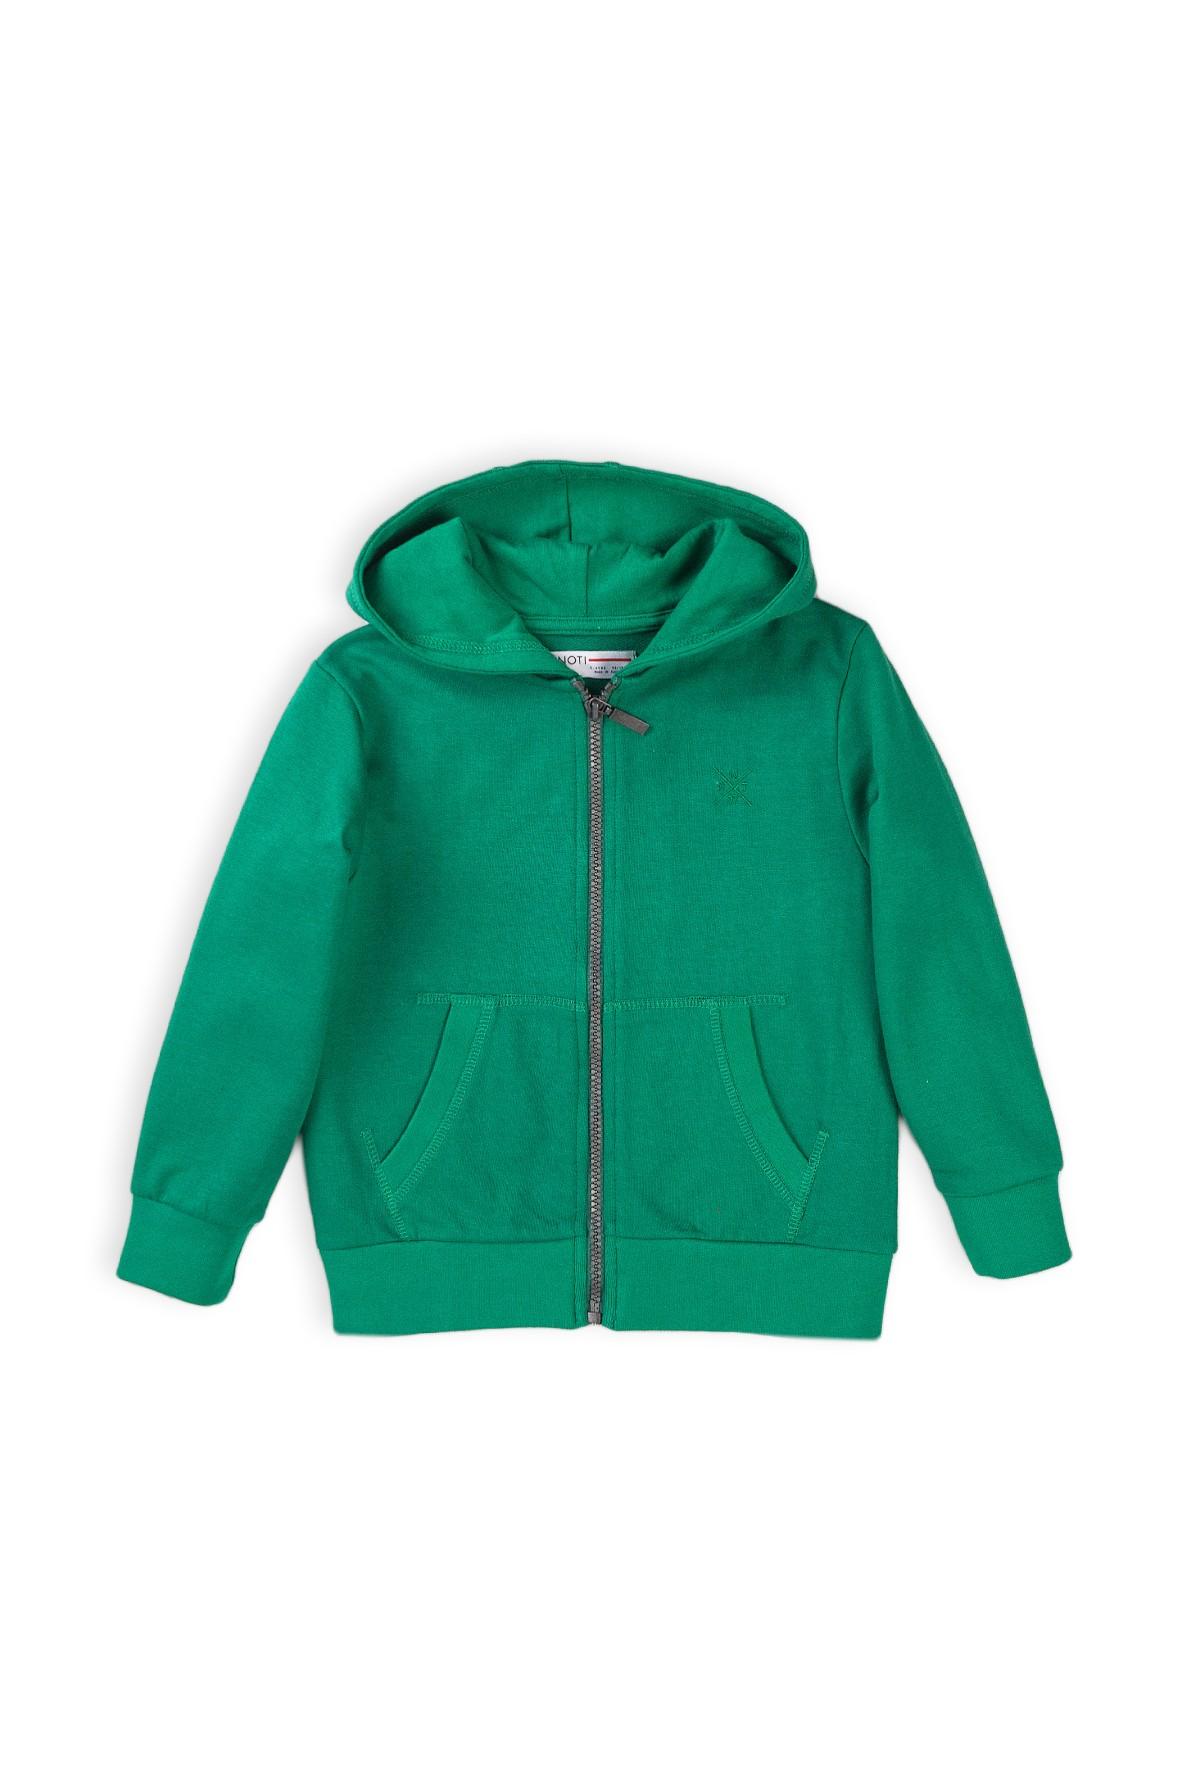 Bluza dresowa chłopięca z kapturem zielona